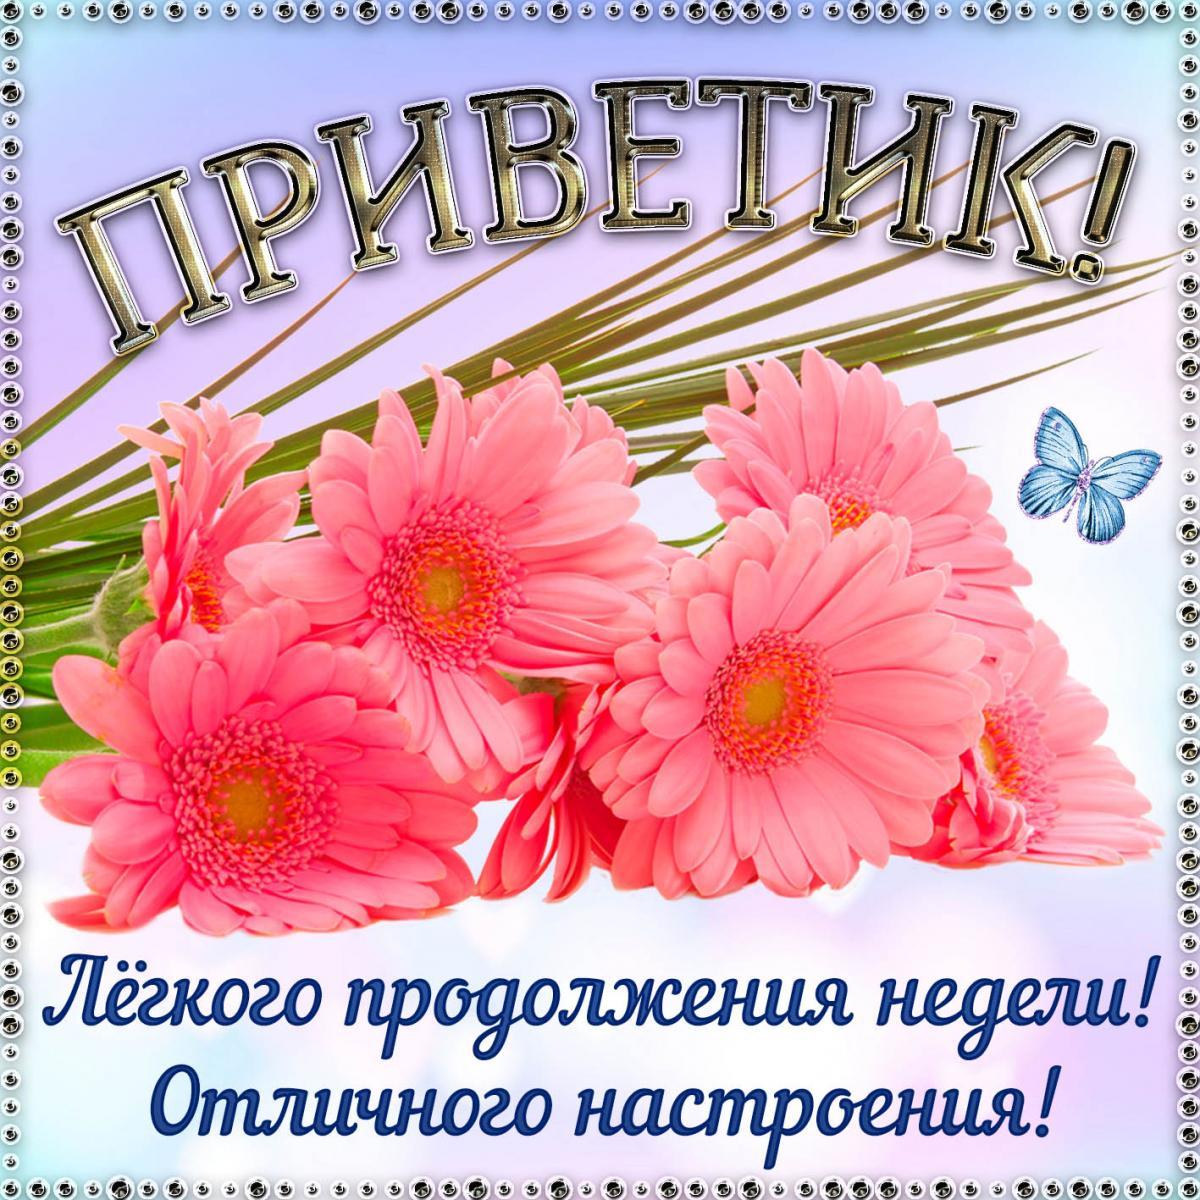 Прикольные картинки привет / фото fresh-cards.ru